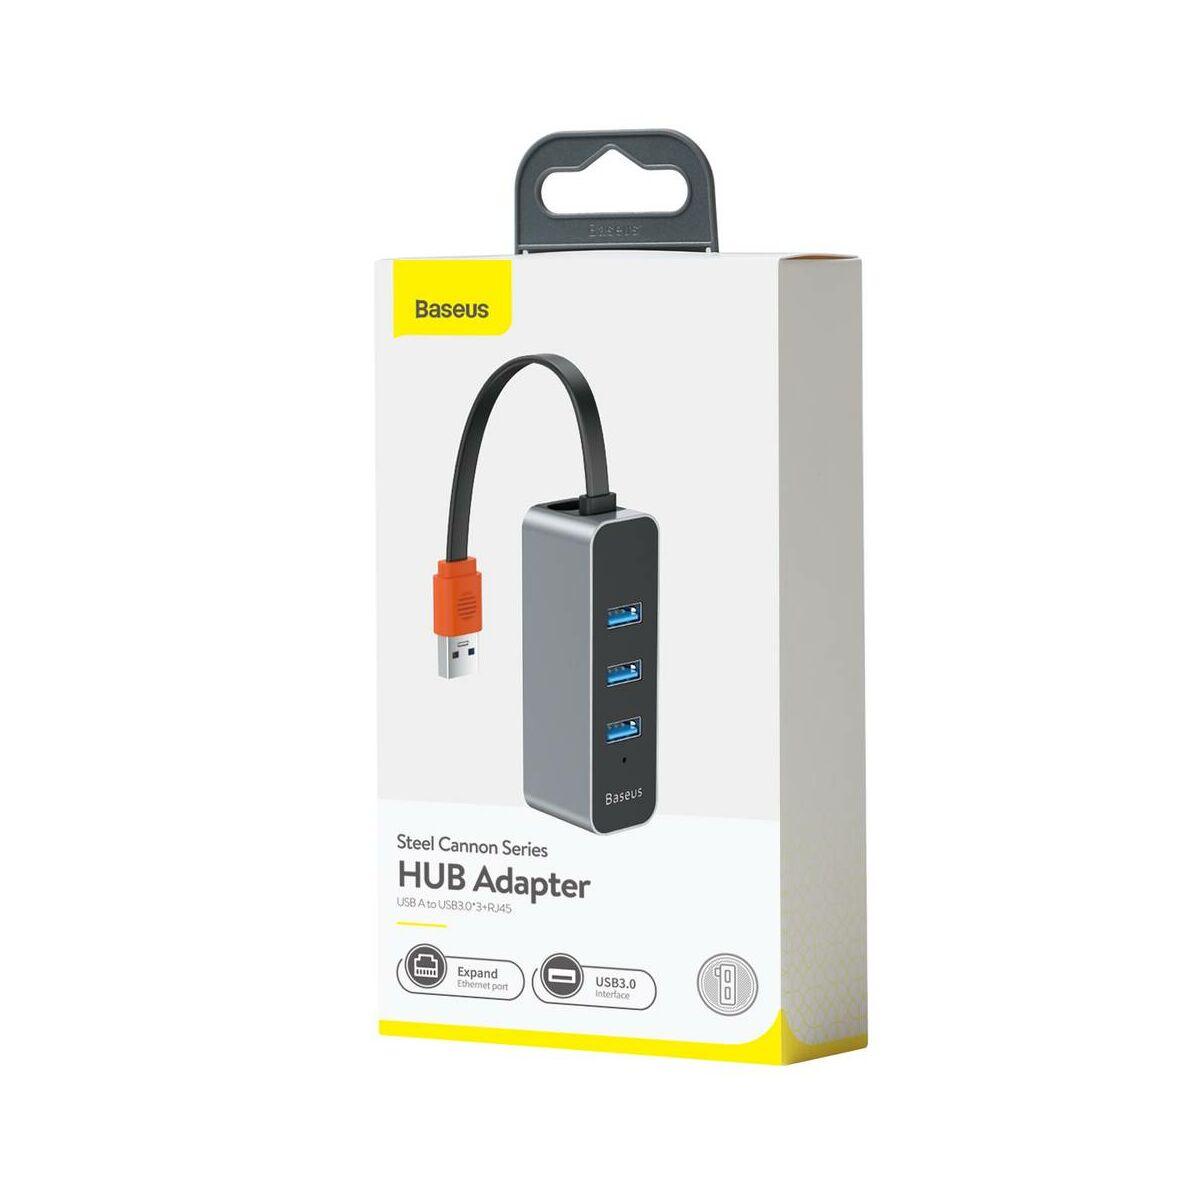 Baseus HUB Steel Cannon series (USB-A bemenetről - 3xUSB 3.0 + RJ45) adapter, szürke (CAHUB-AH0G)